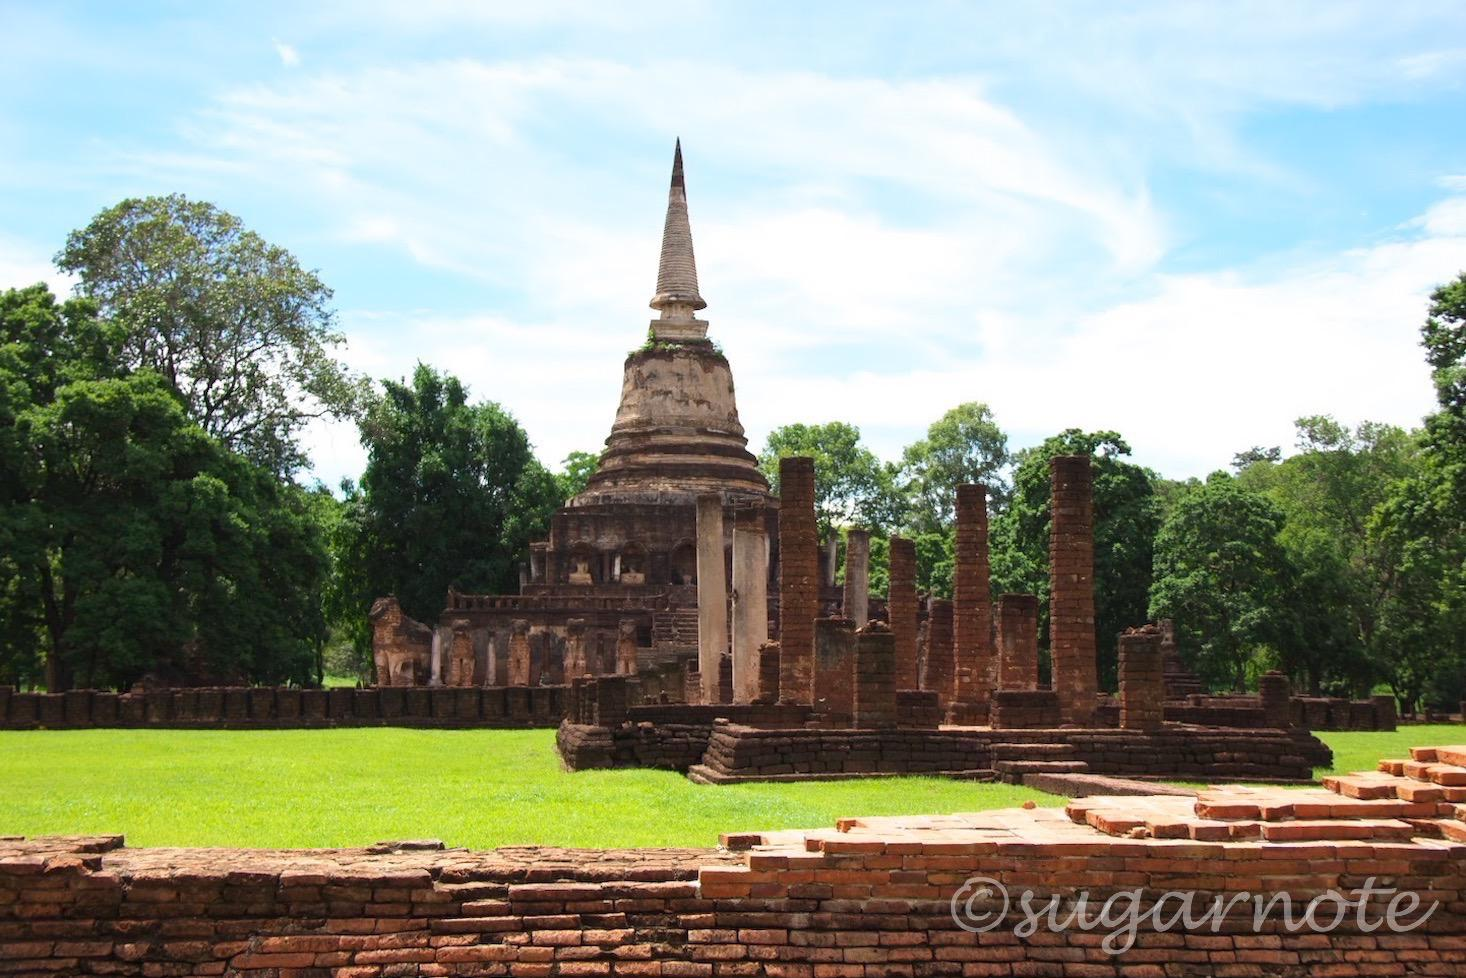 シー・サッチャナーライ歴史公園, Sri Sanchanalai Historical Park, Wat Chang Lom, ワット・チャーン・ローム